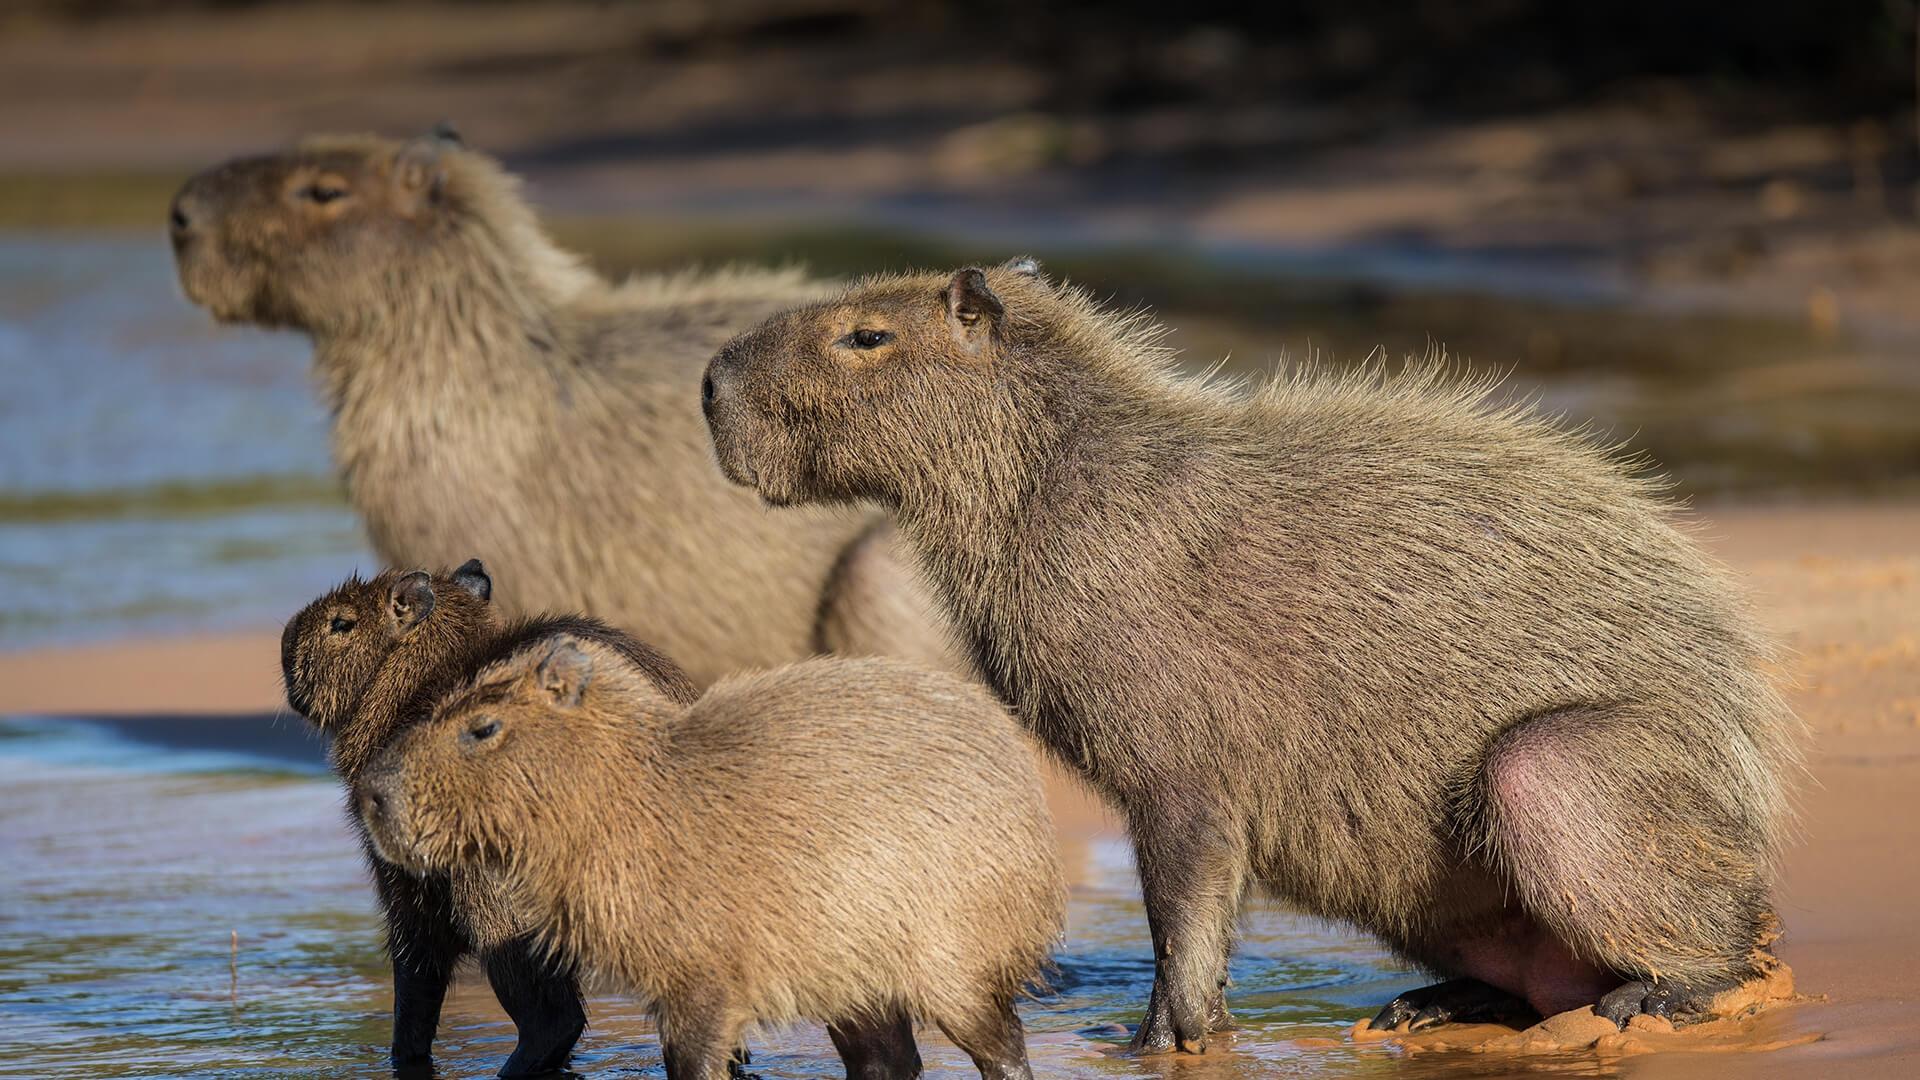 Capybara Images